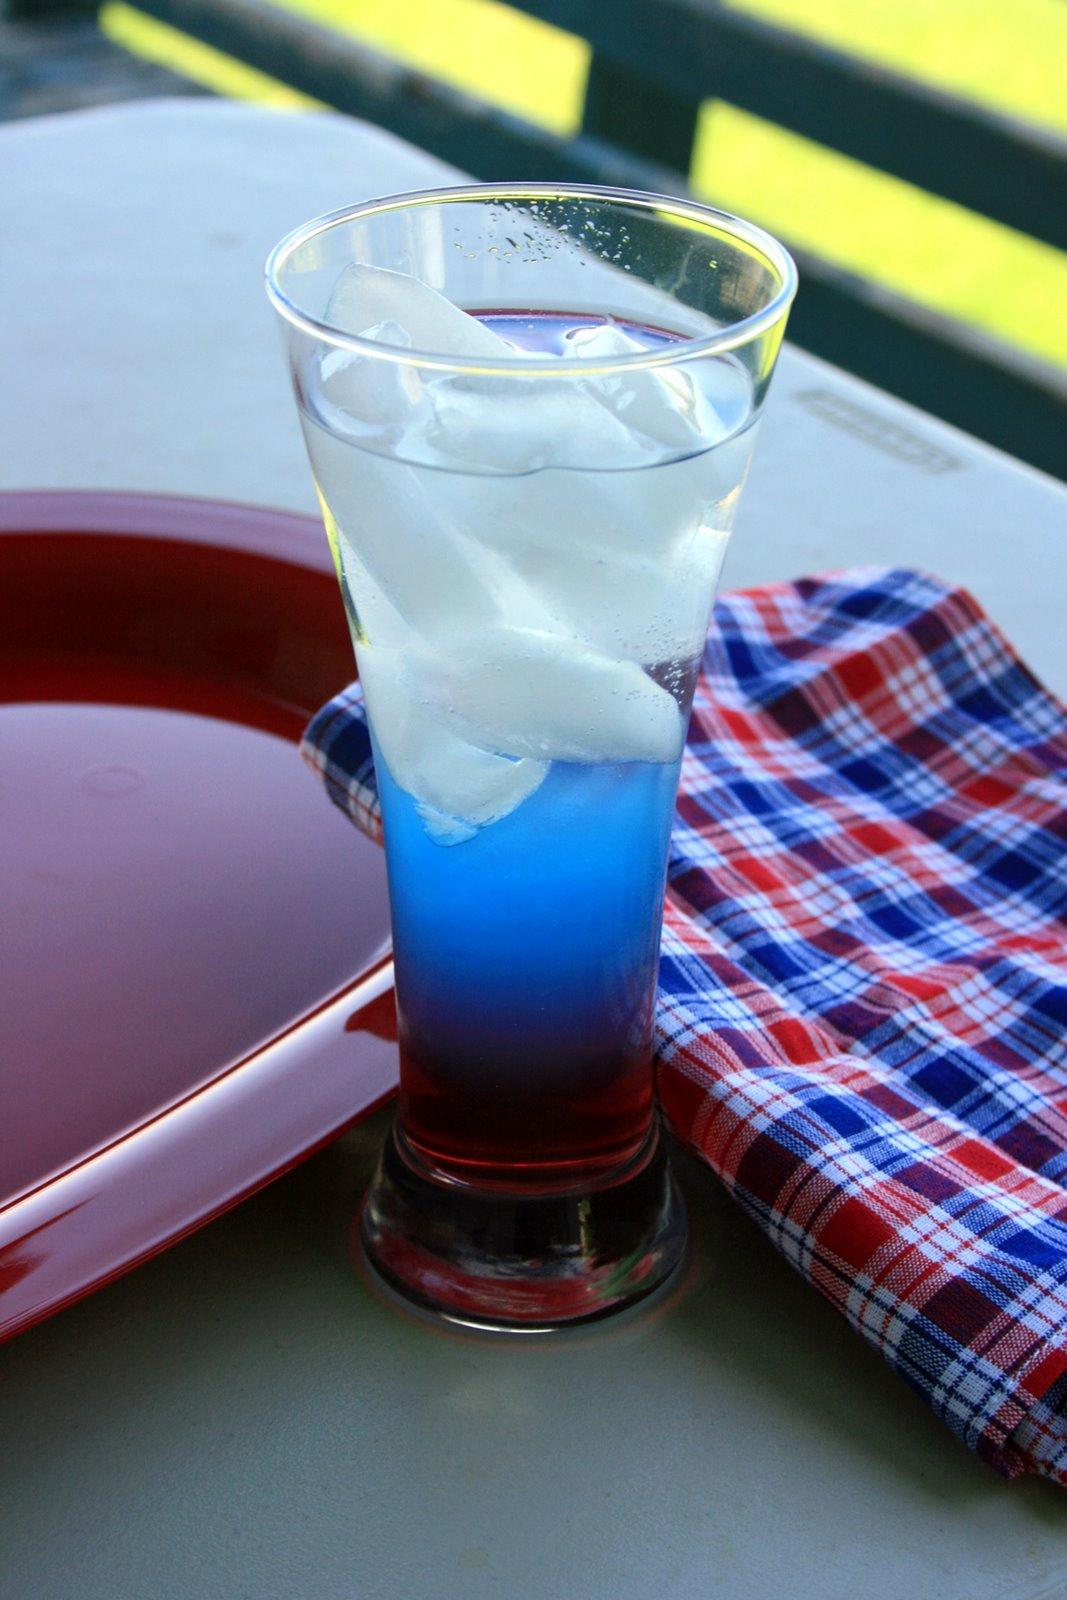 Blau-weiß-rote Köstlichkeit